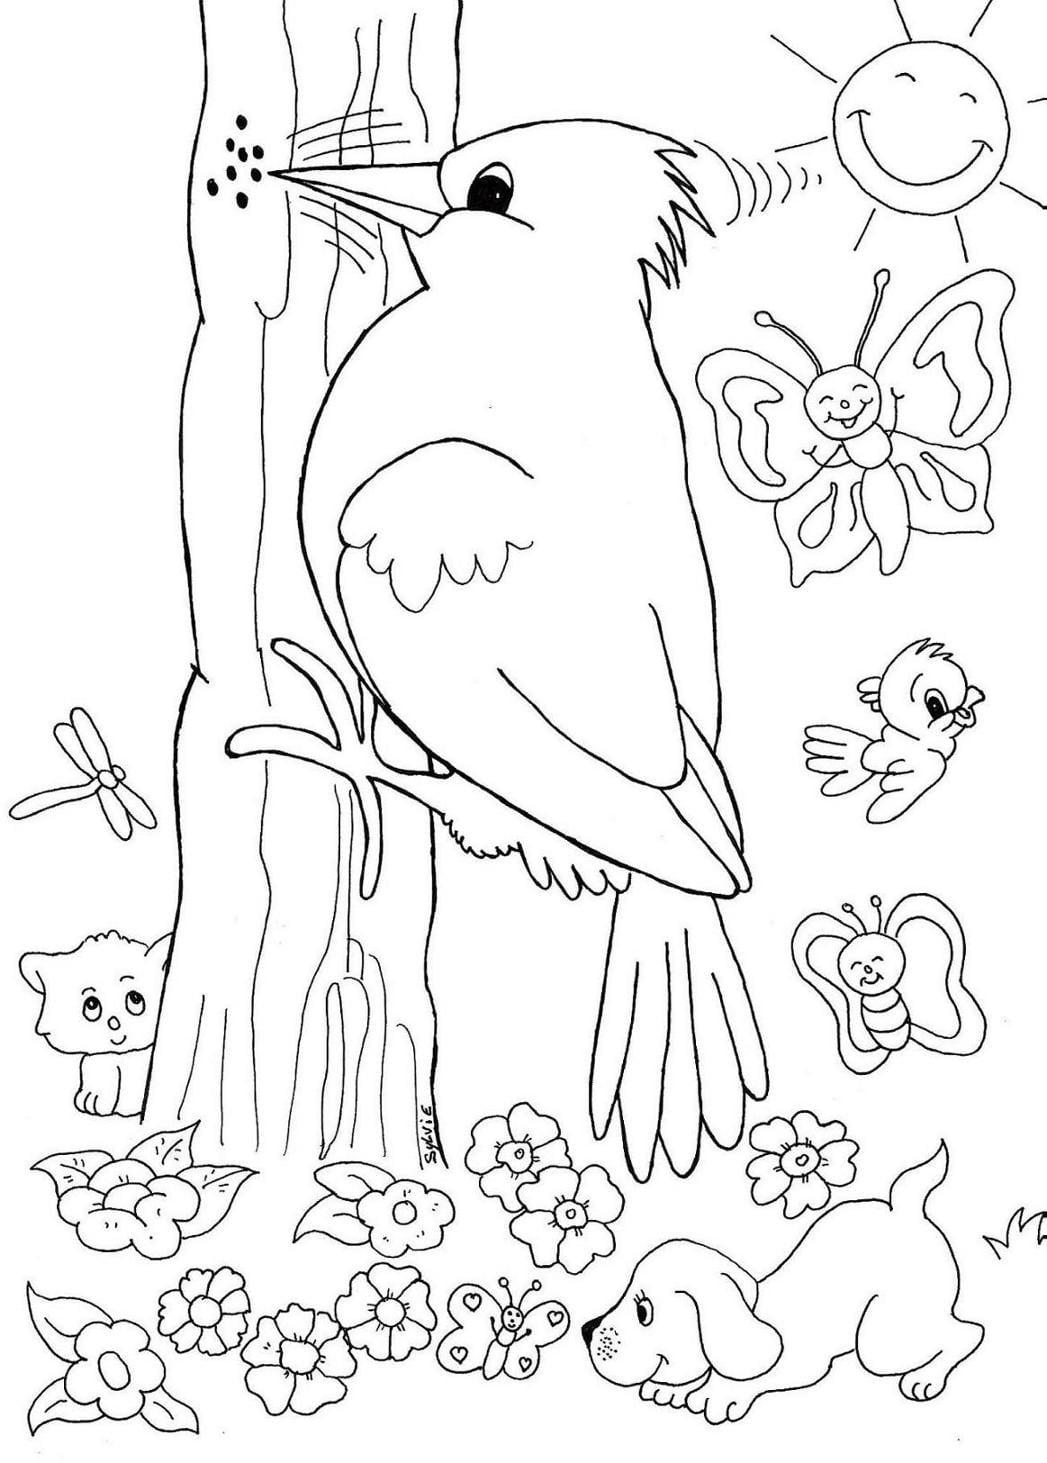 Desenho De Passarinhos Para Colorir ~ Imagens Para Colorir